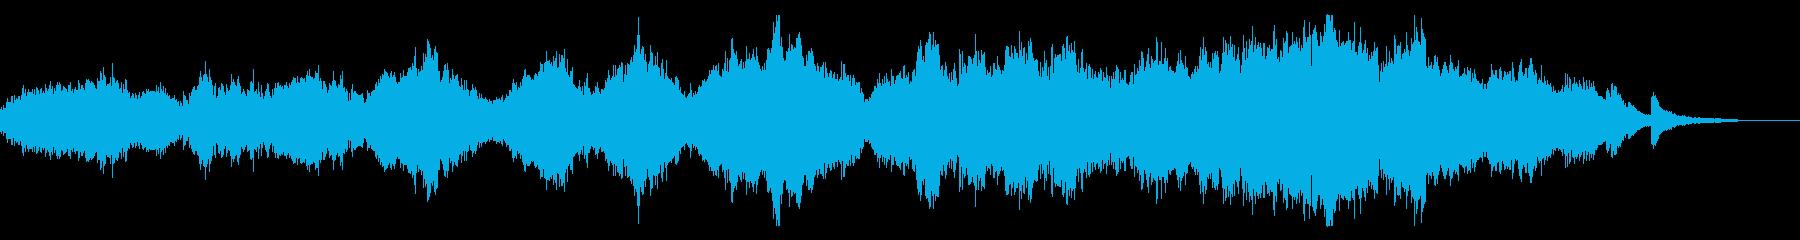 「アヴェマリア」パンの笛&ピアノ前奏無しの再生済みの波形